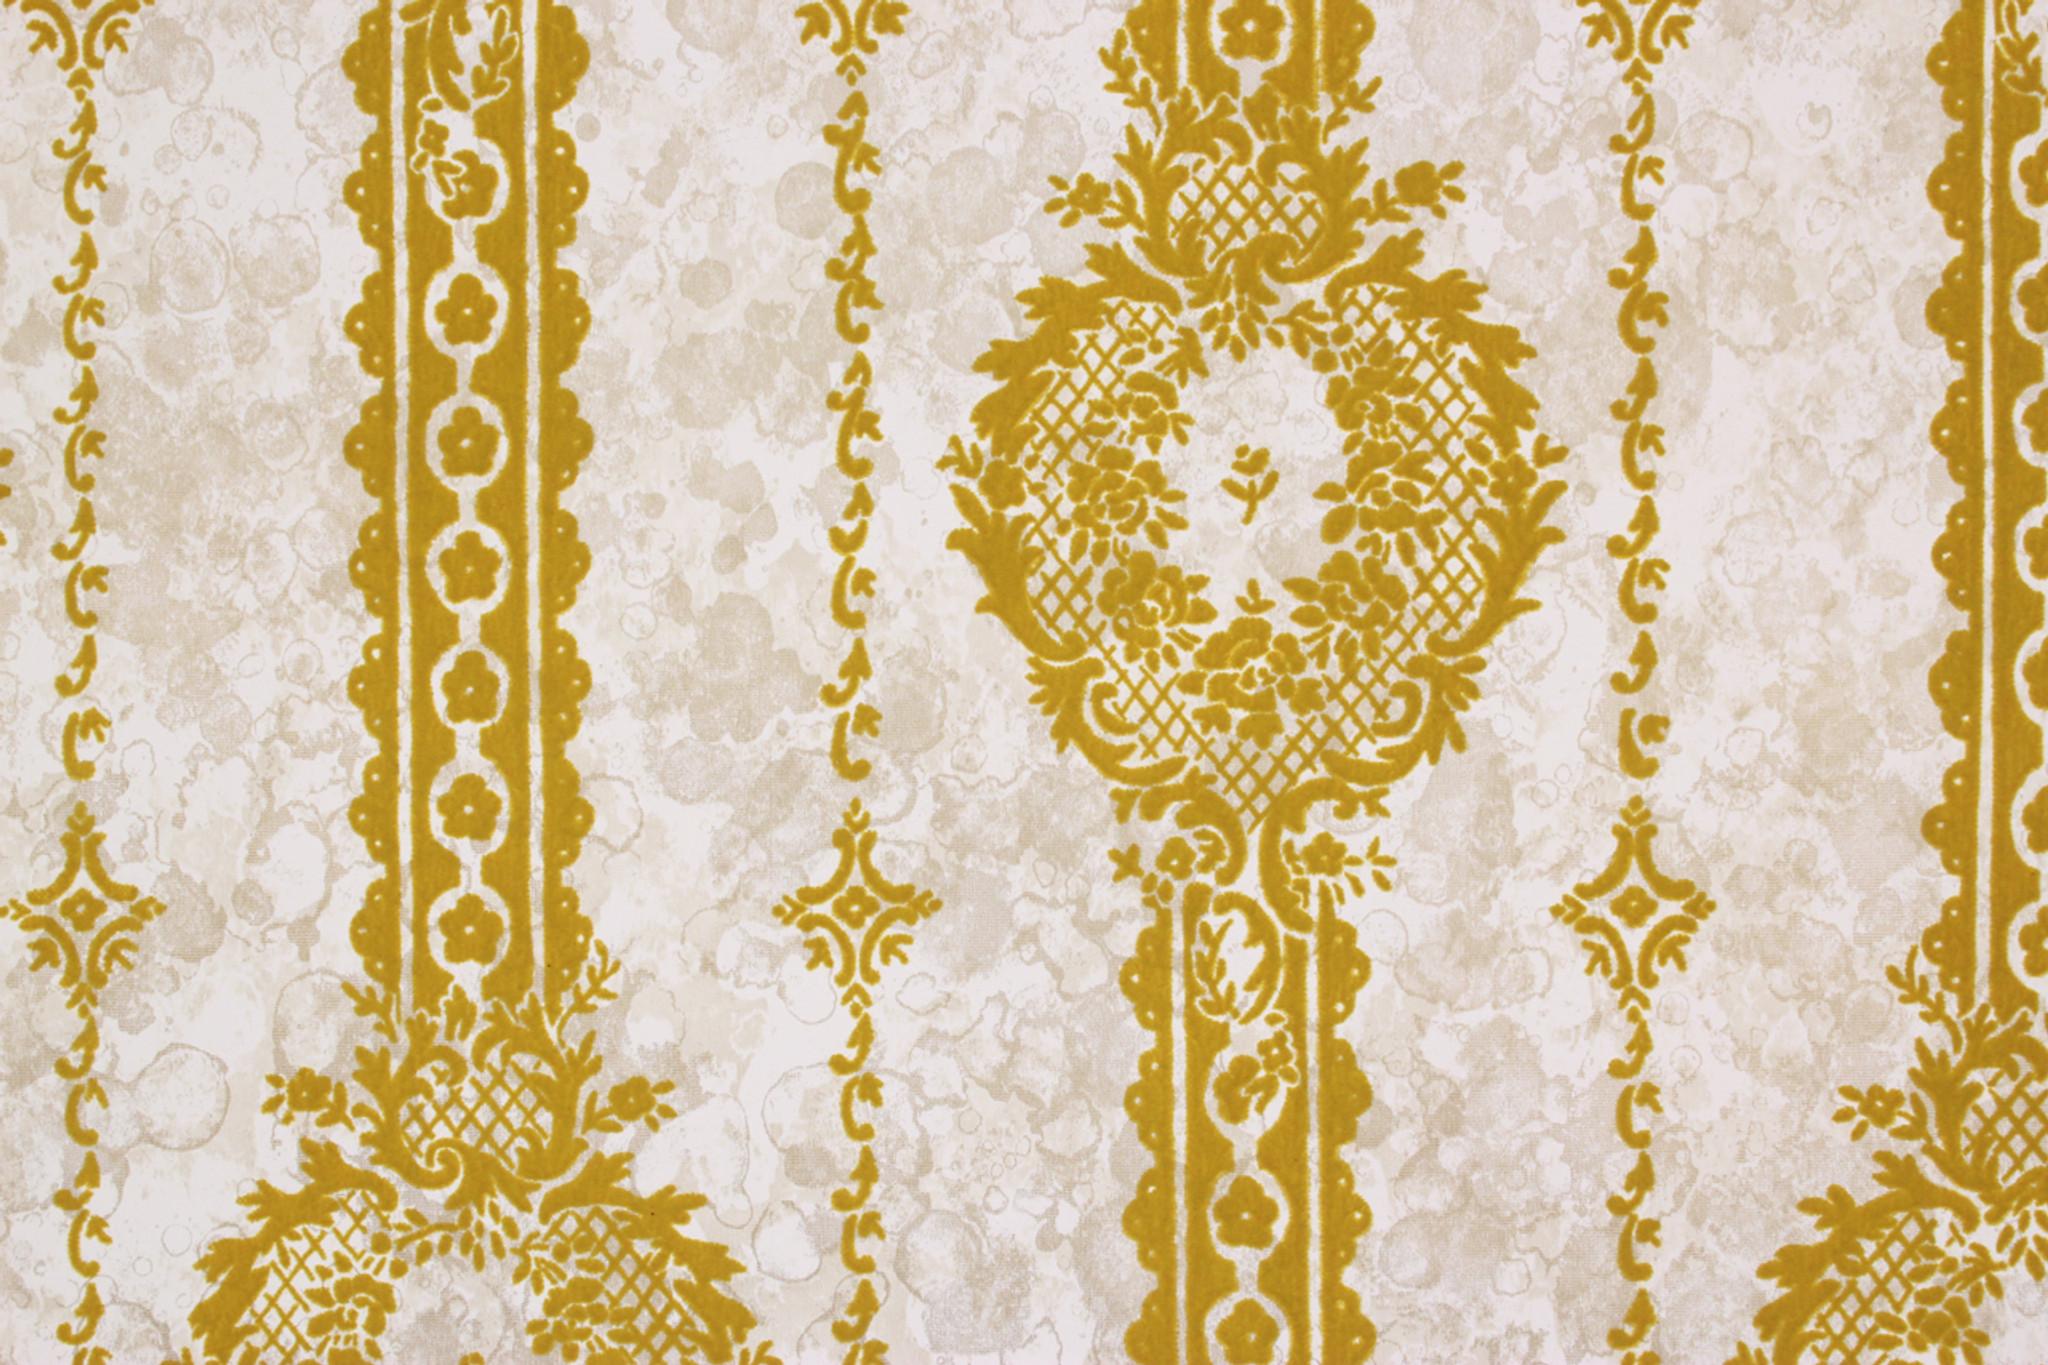 1970s Vintage Wallpaper Gold Green Flock Design On Marble